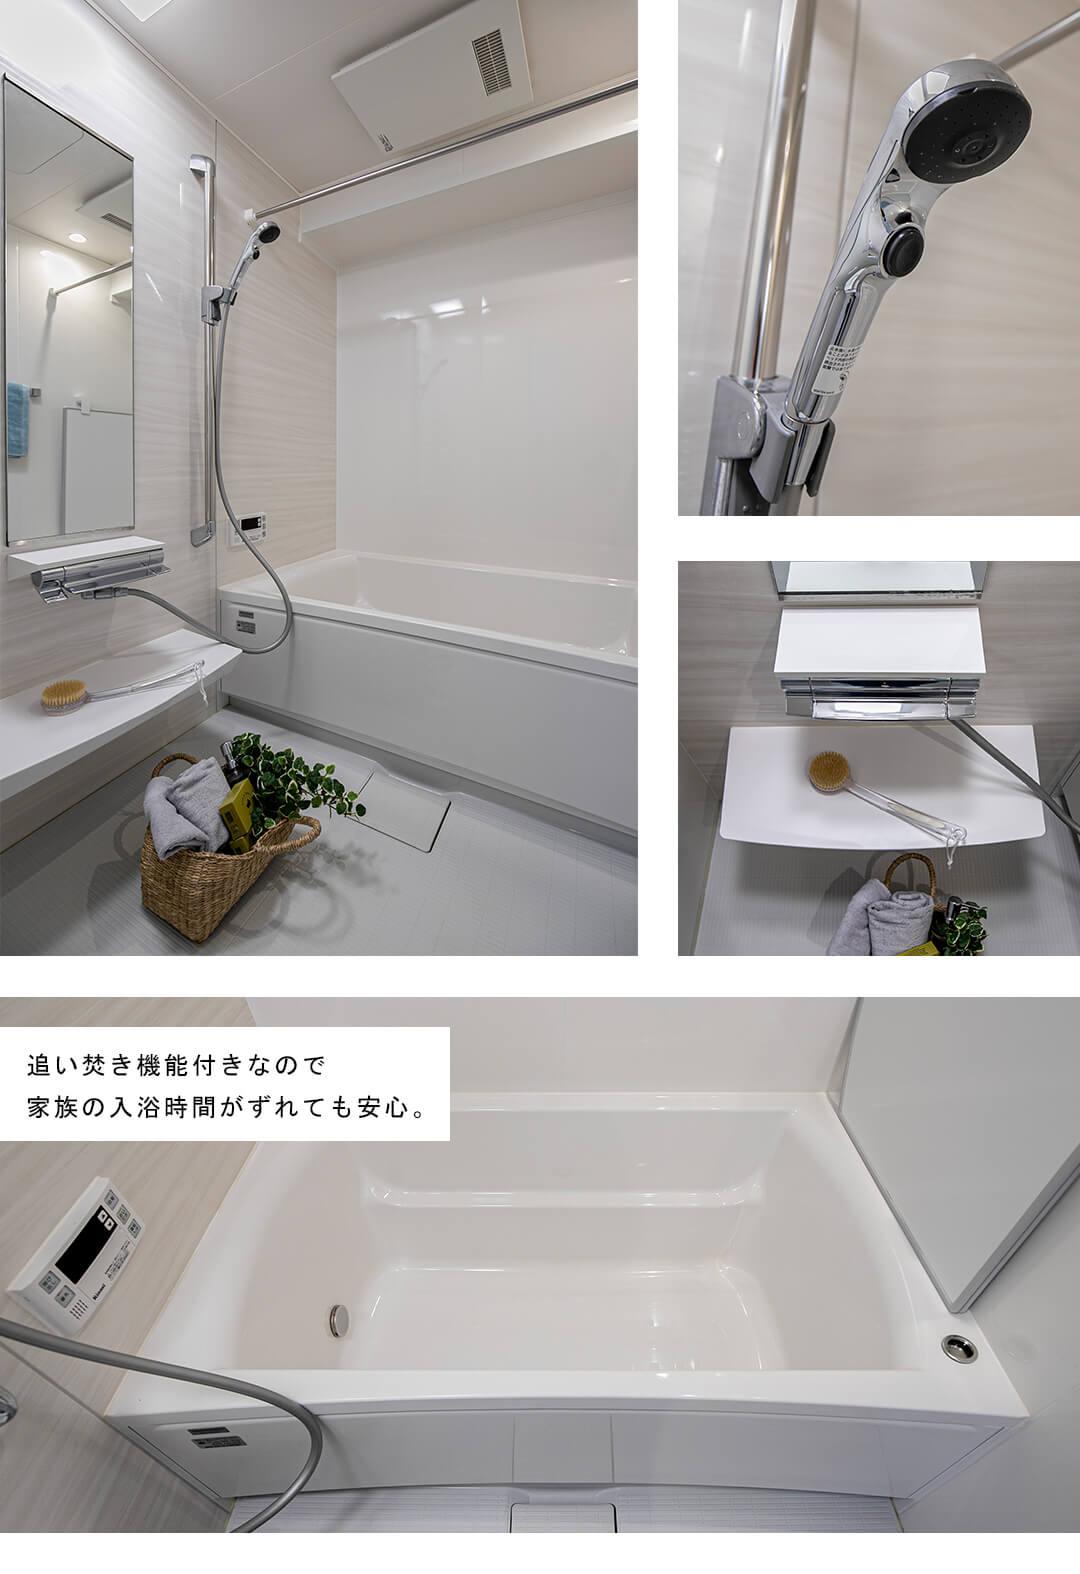 グランドステージ中野新橋の浴室